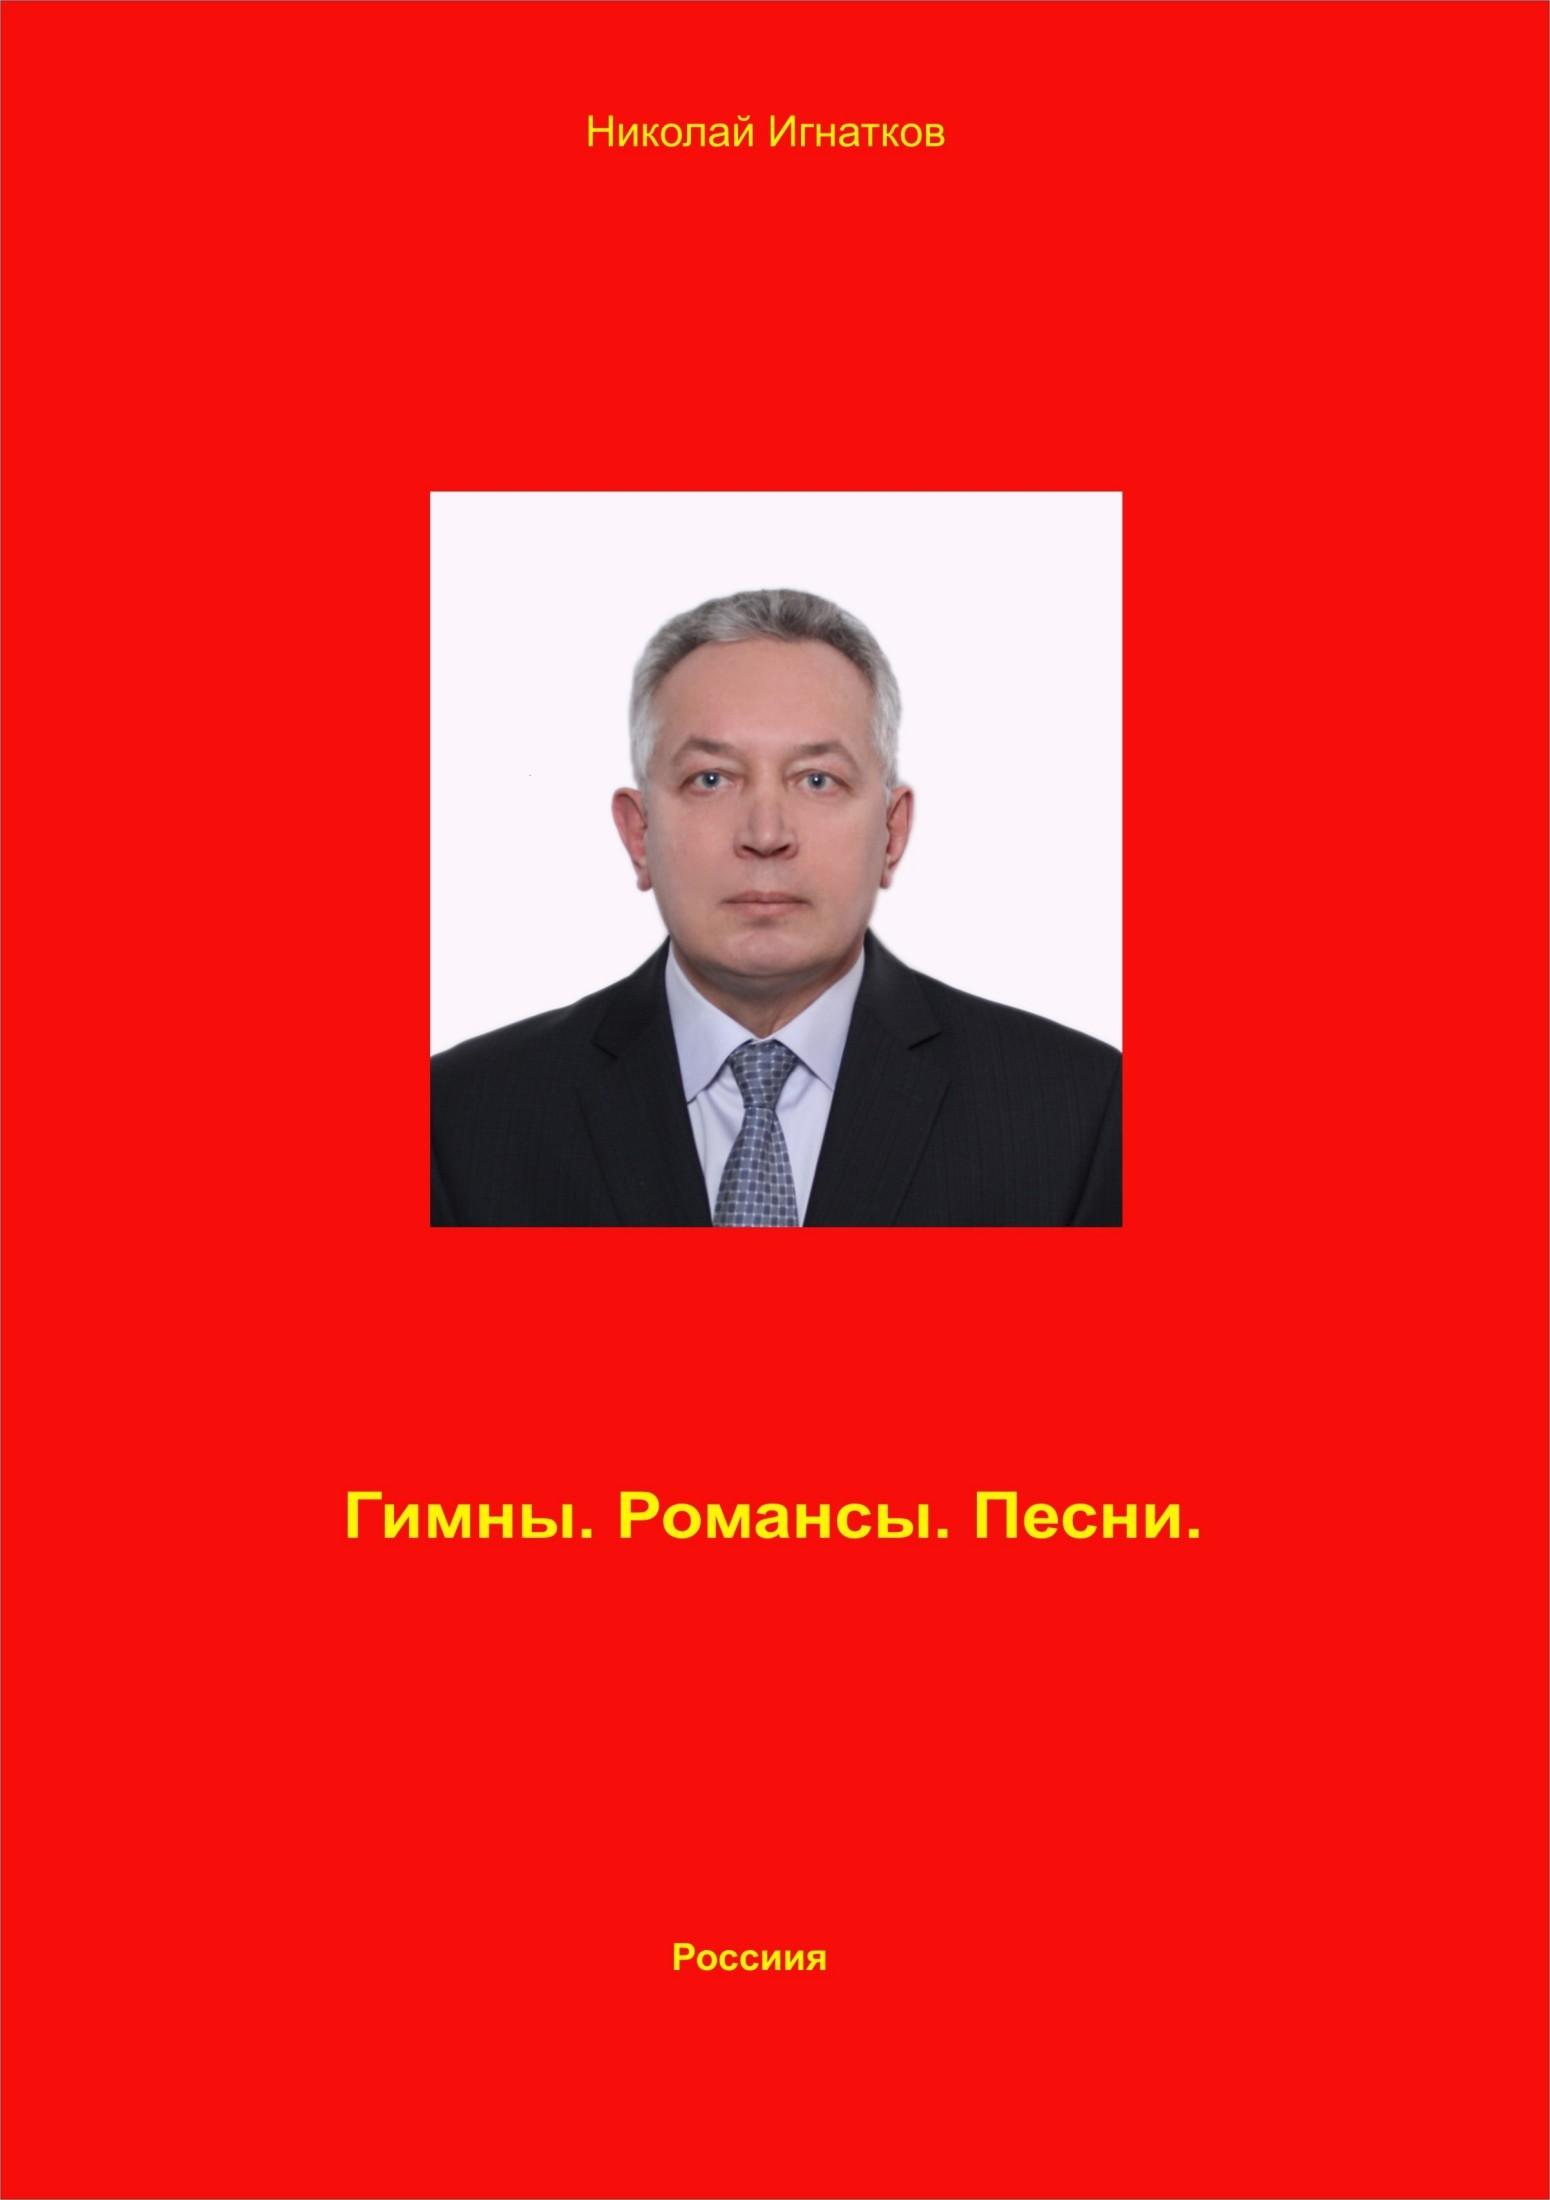 Николай Викторович Игнатков Гимны. Романсы. Песни великие имена россии